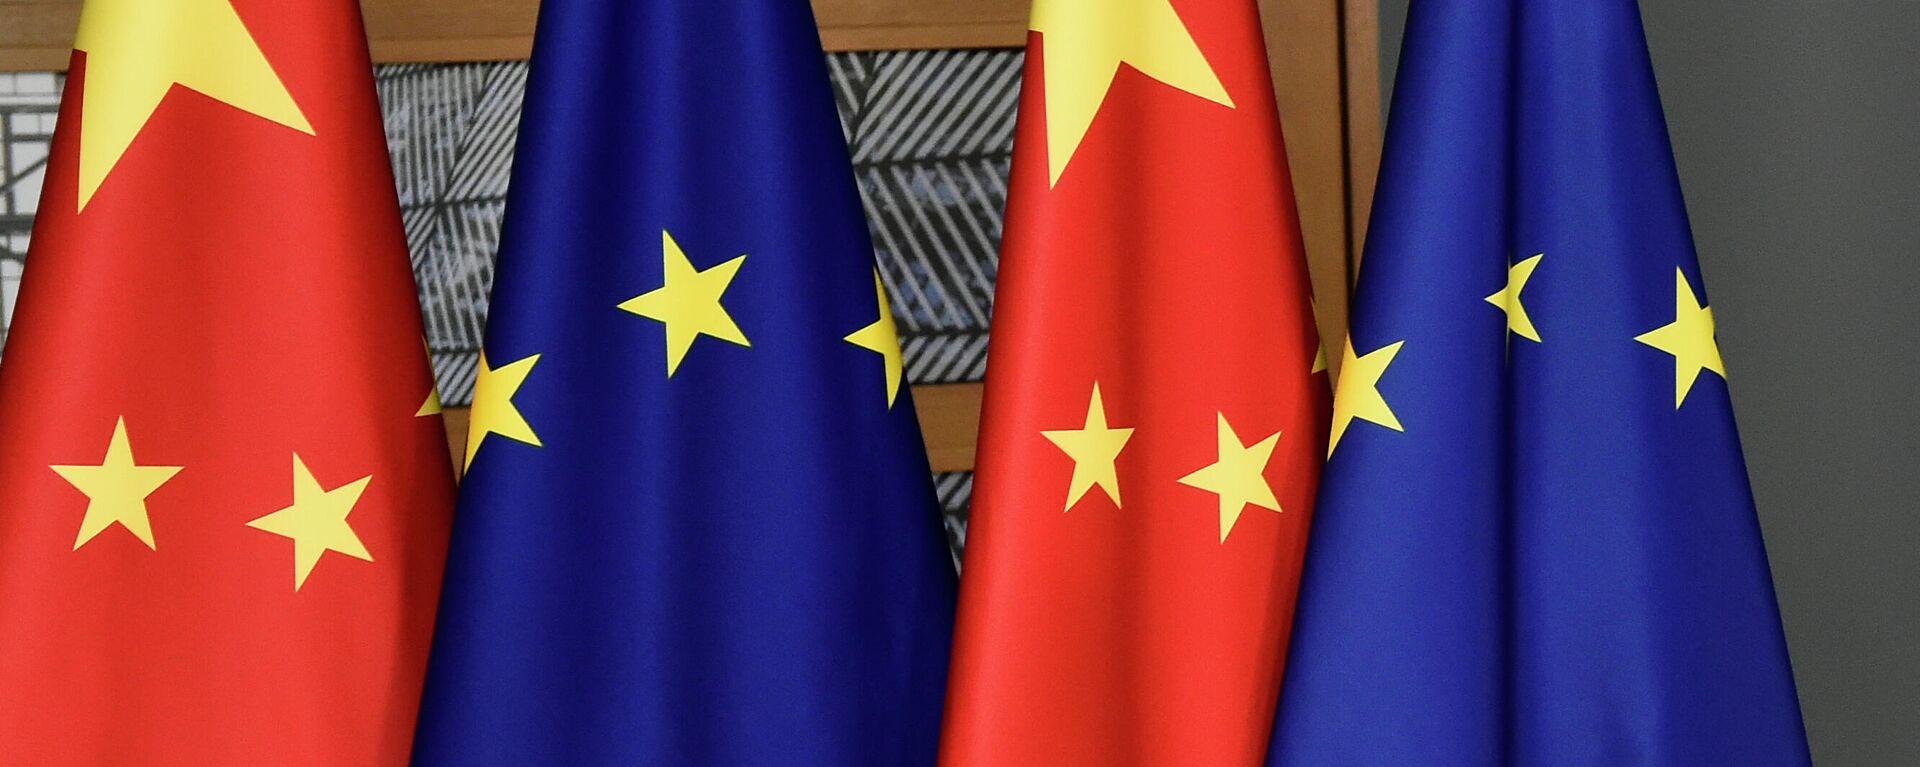 Флаги ЕС и Китая - Sputnik Таджикистан, 1920, 02.06.2021